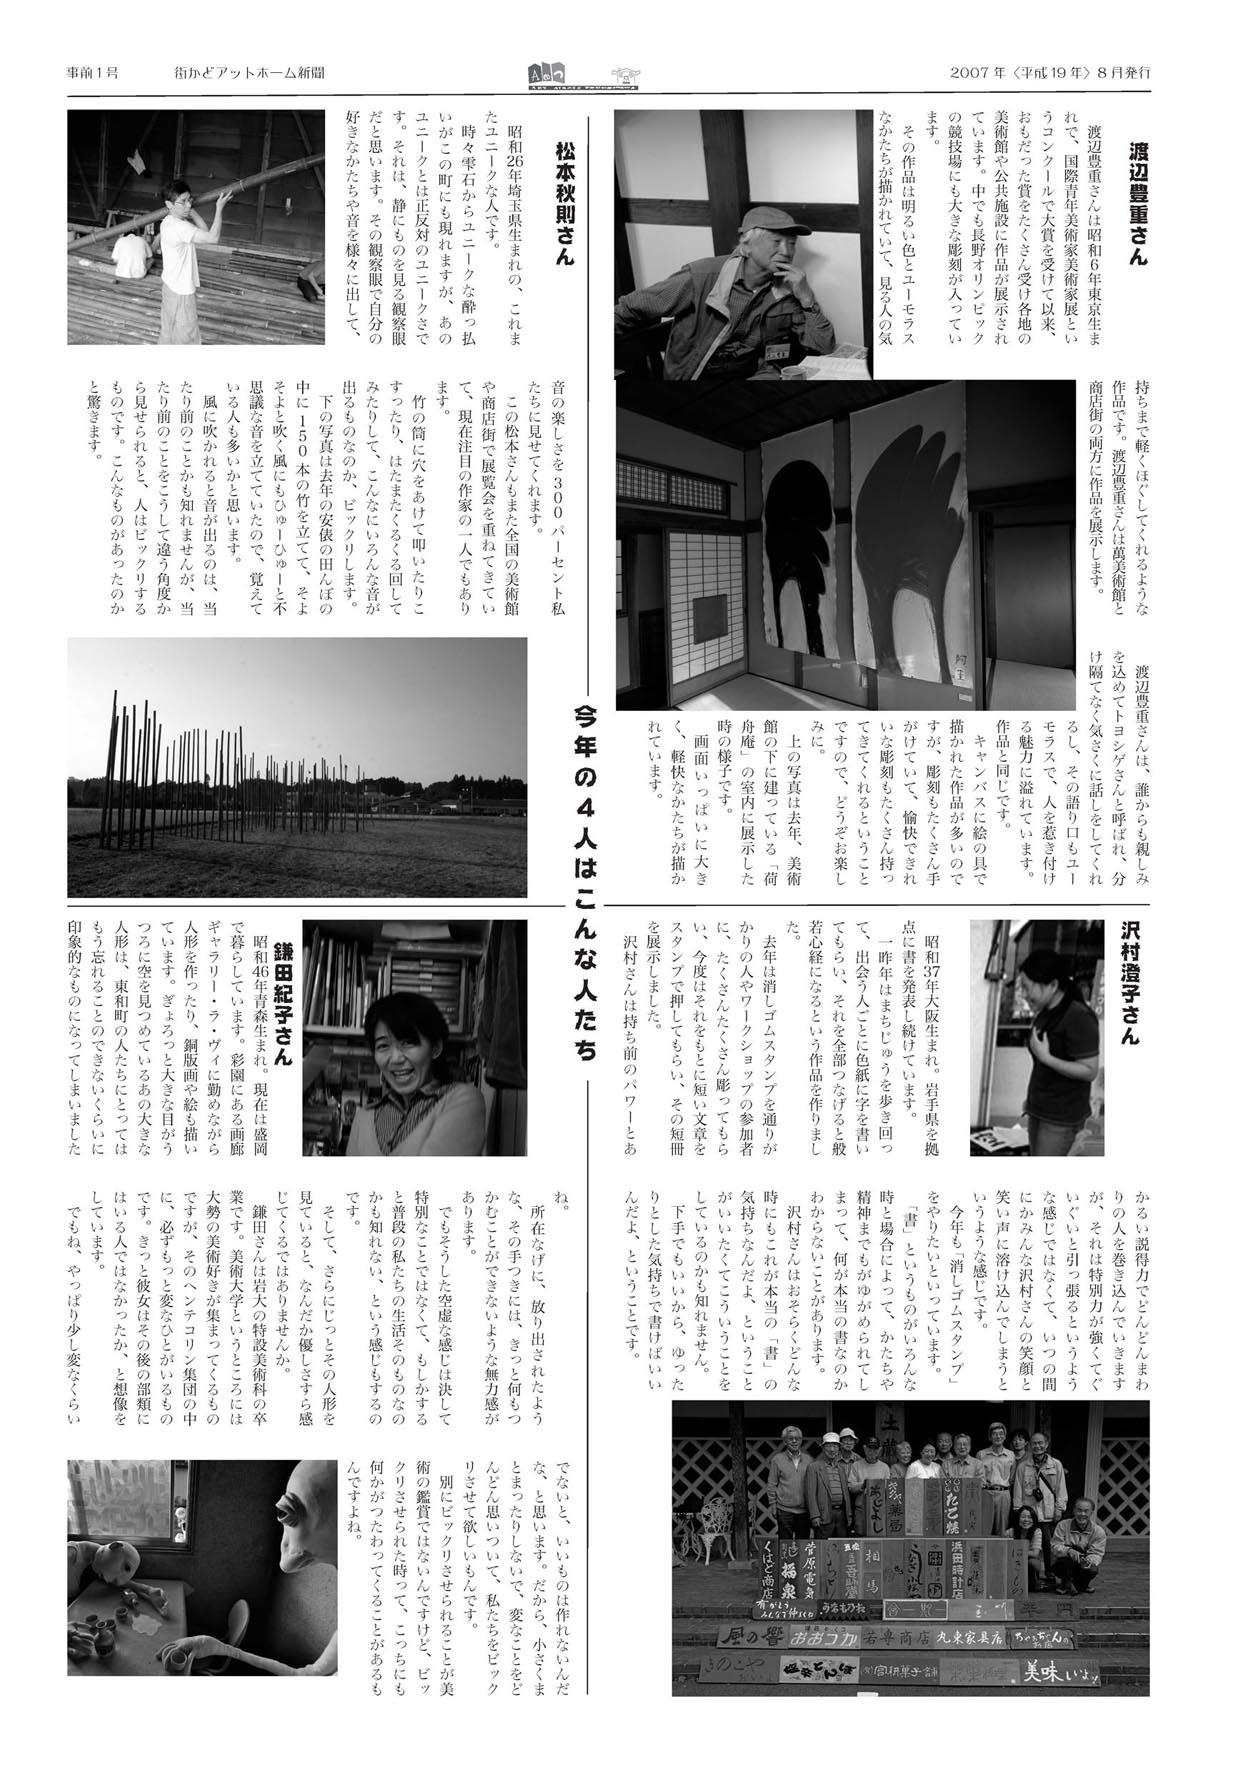 街かど新聞07_ページ2.jpg